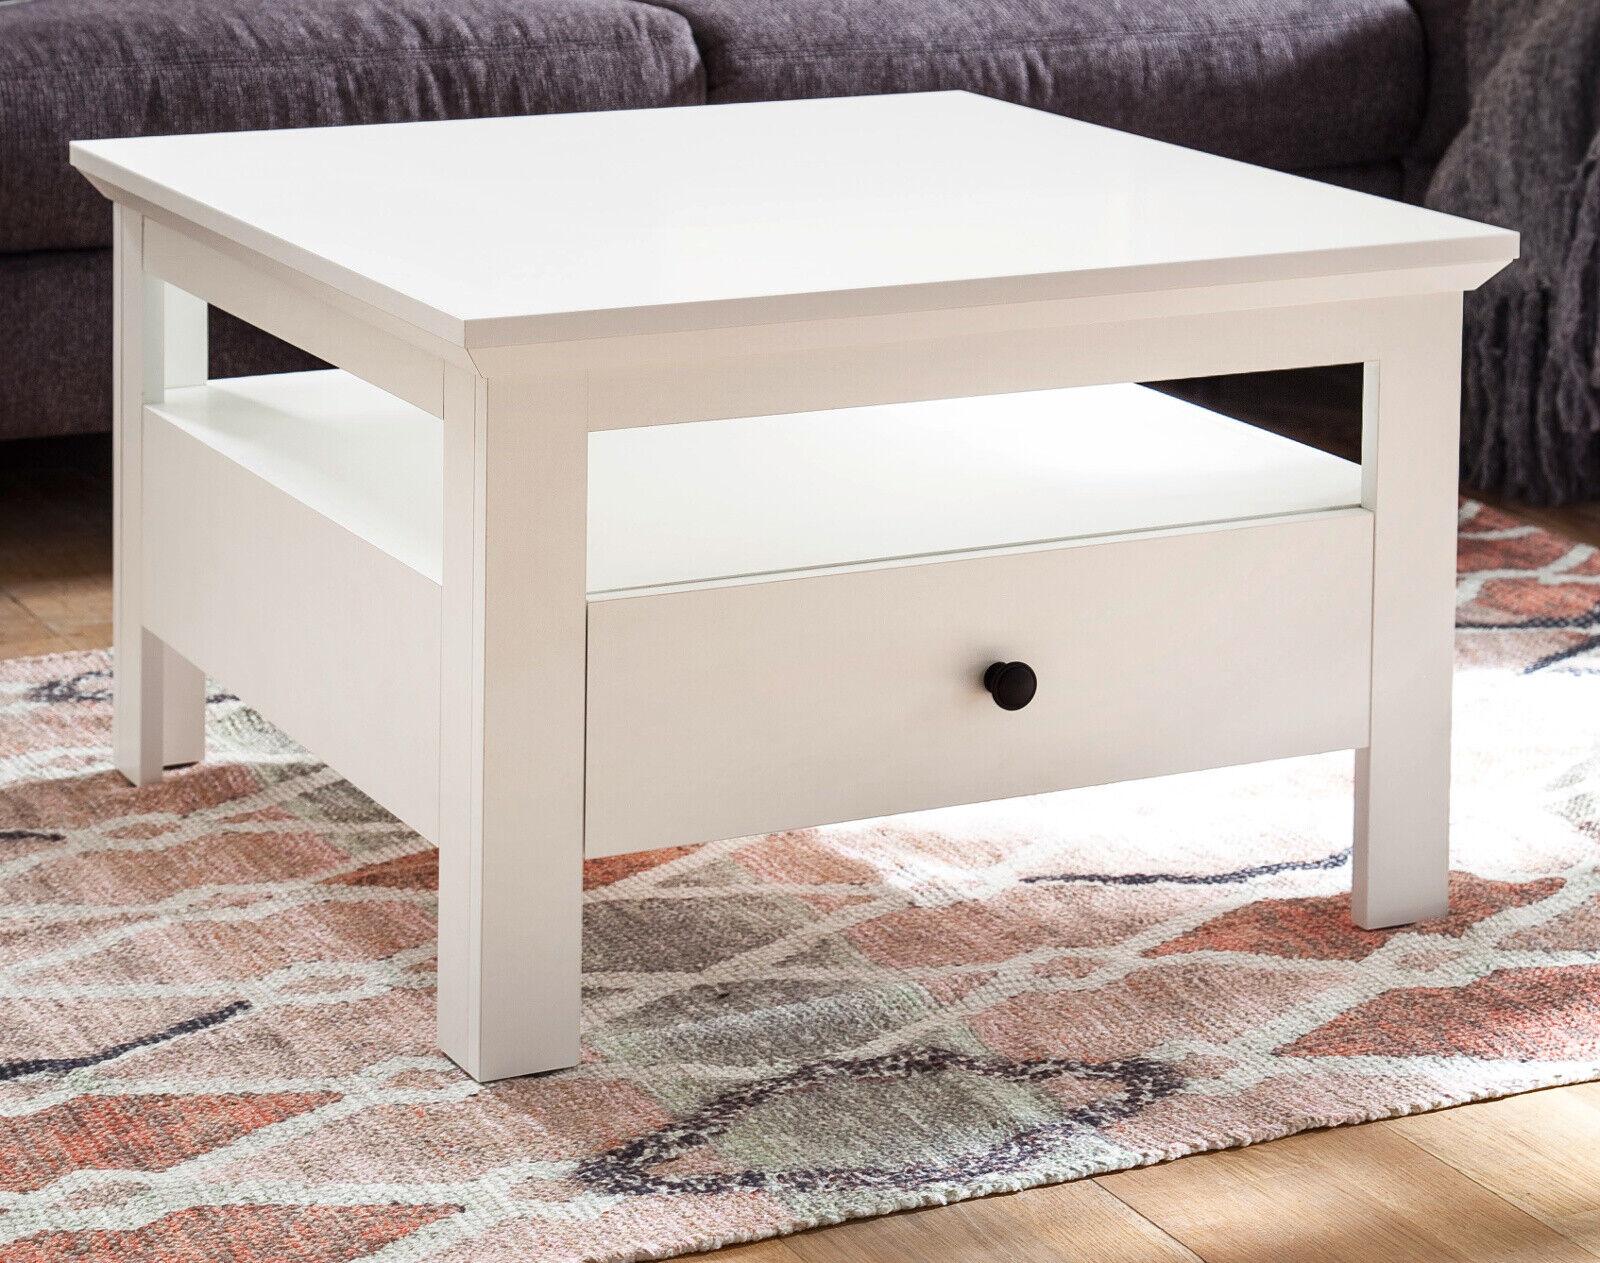 COUCHTISCH WEISS LANDHAUS Beistelltisch Schubkasten Wohnzimmer Sofa Tisch  Baxter